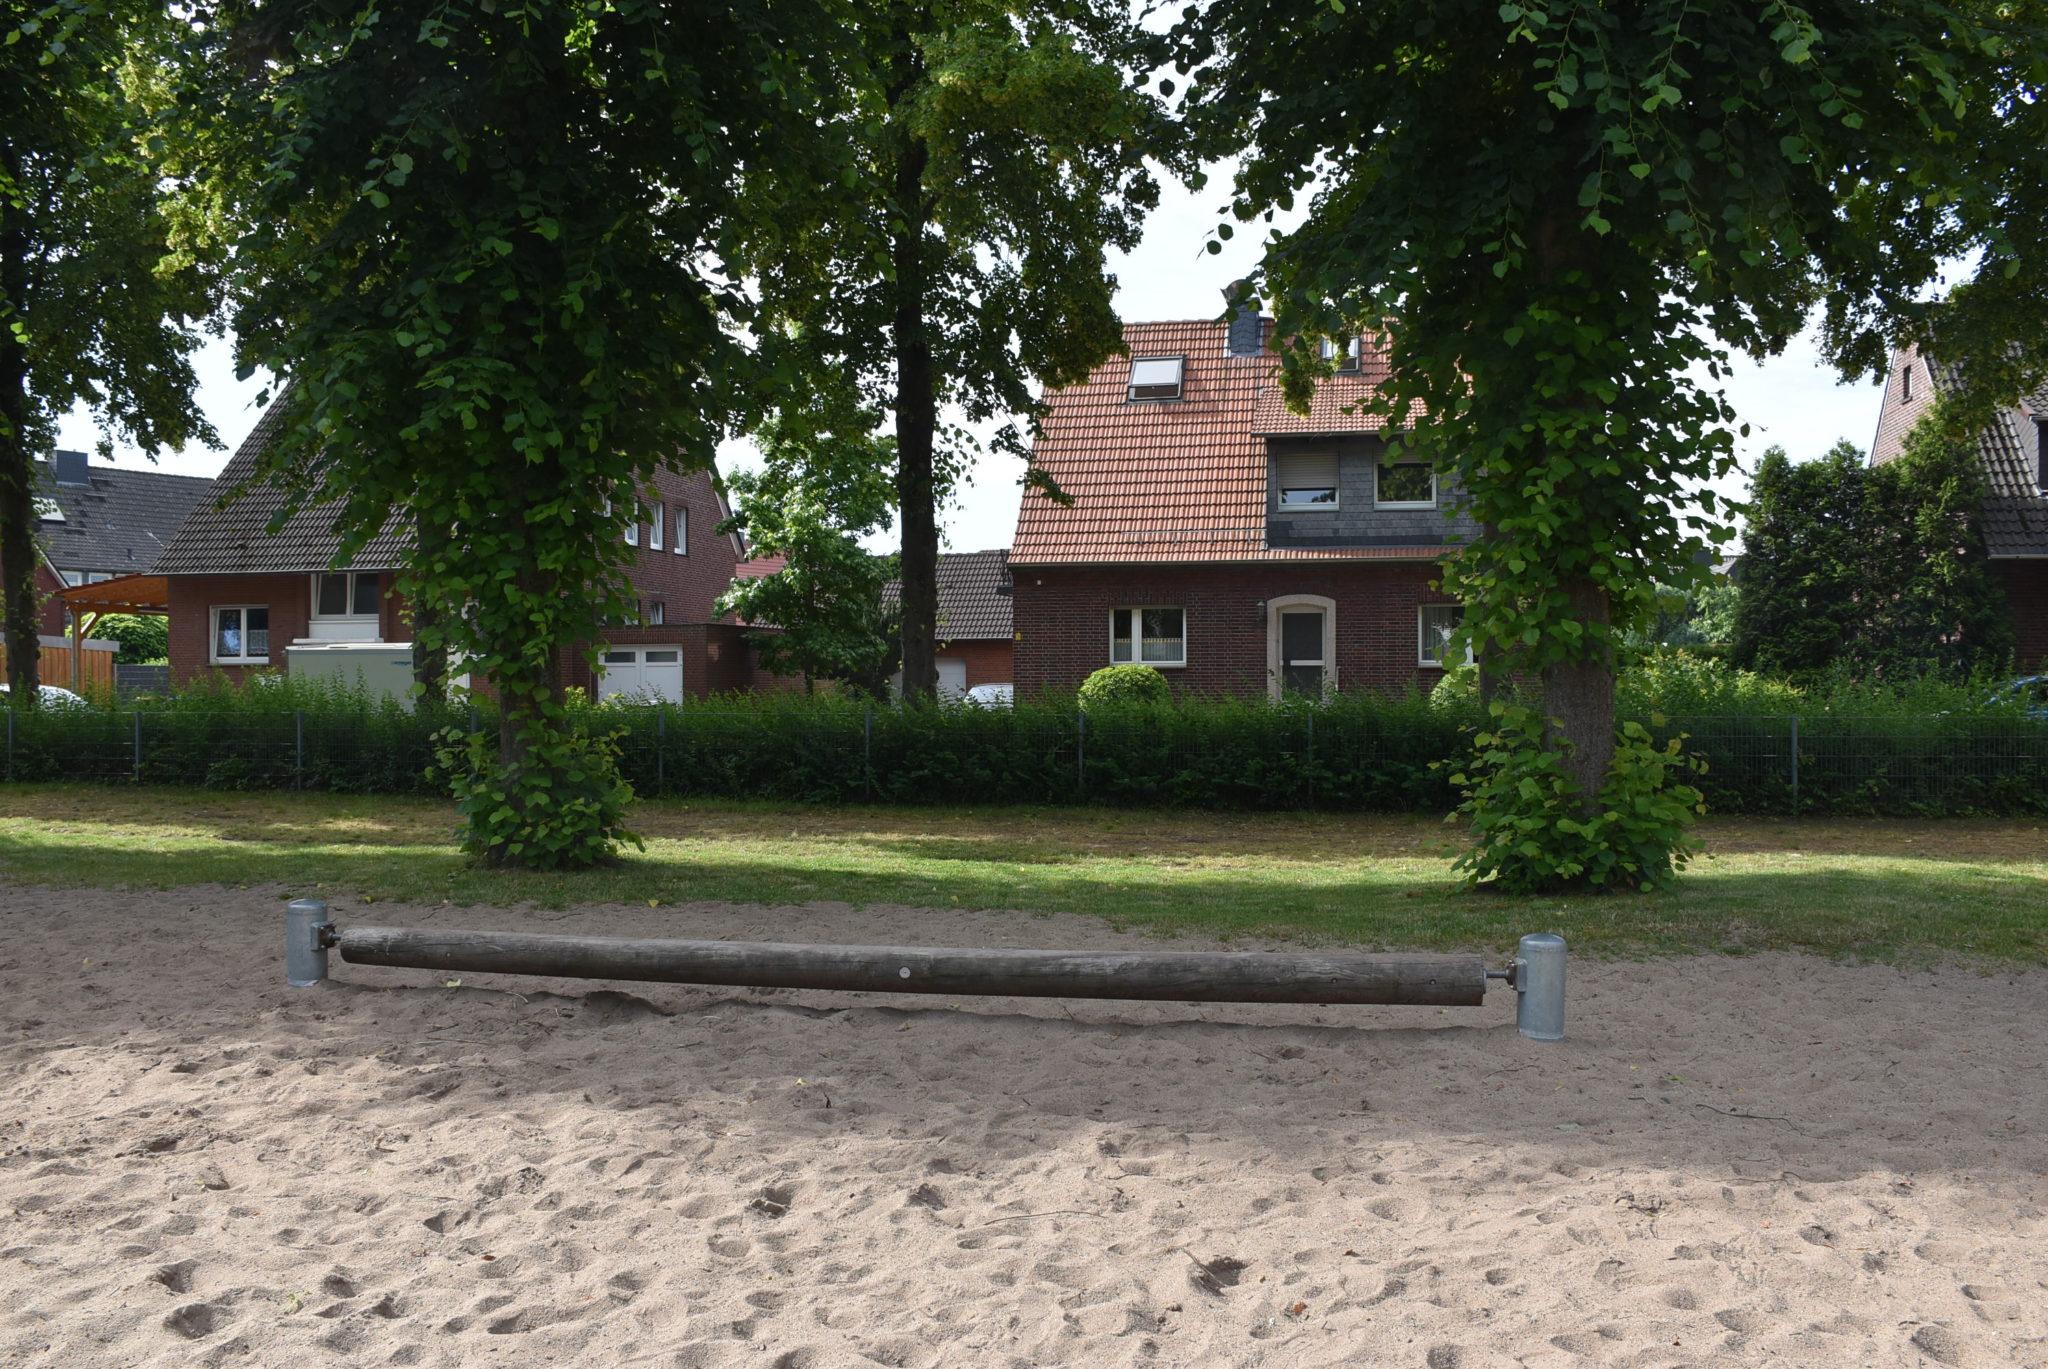 Ansicht Balancierstamm Spielplatz Grundschule